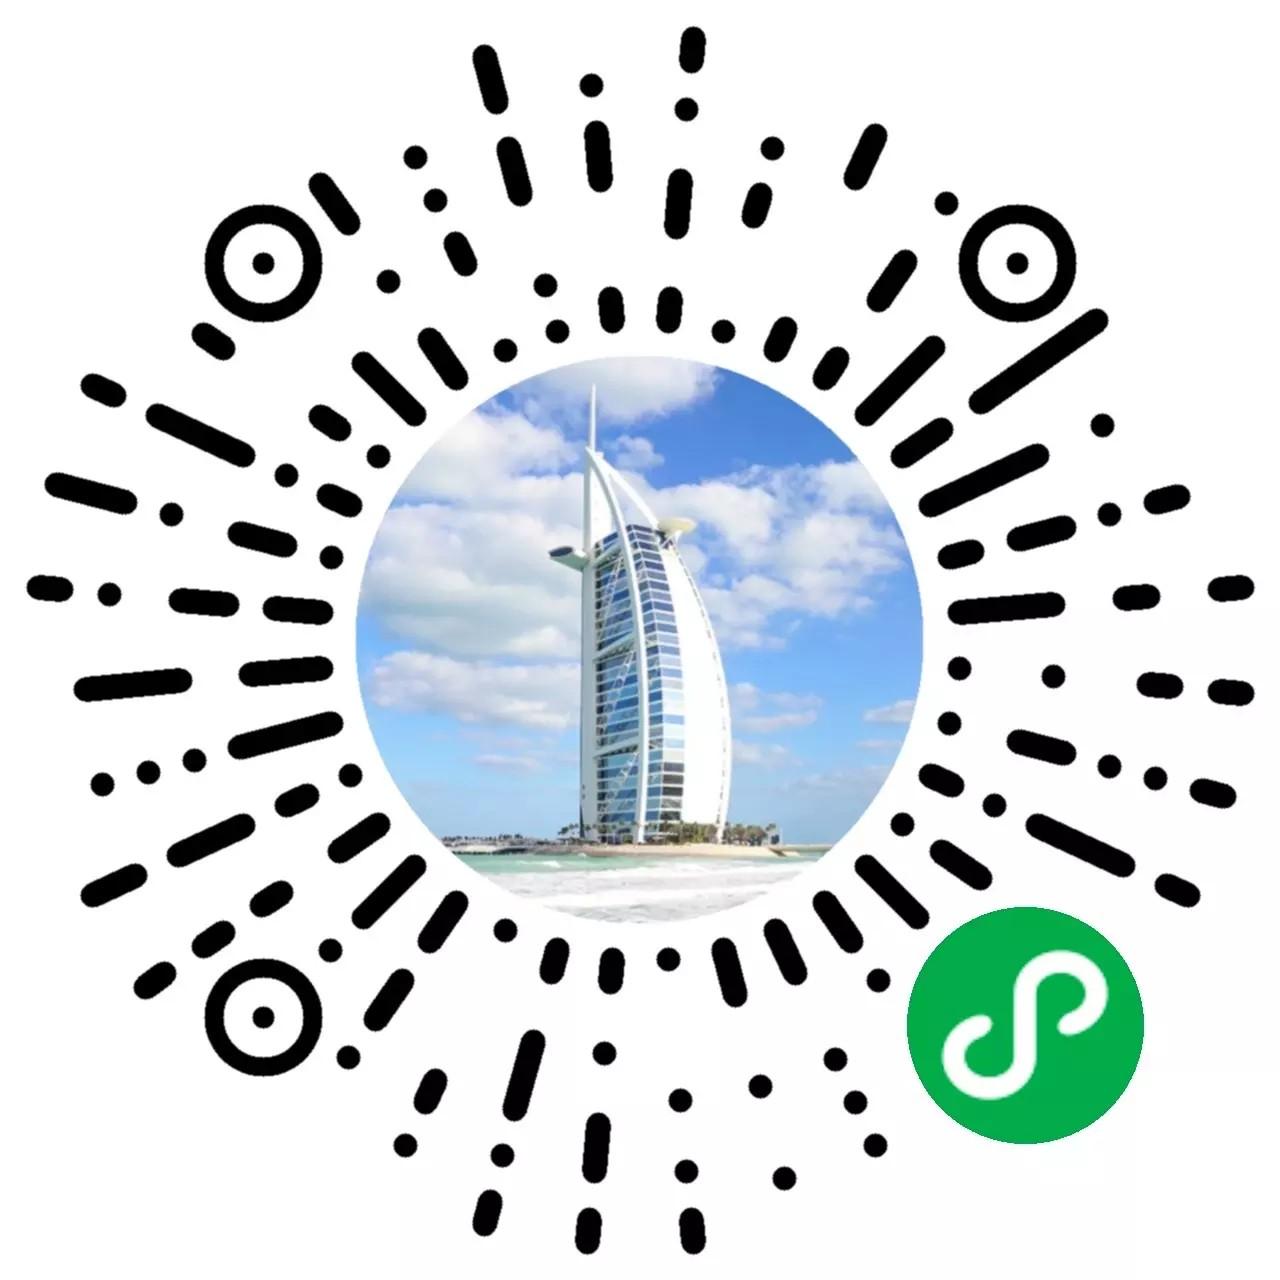 体验迪拜-微信小程序二维码